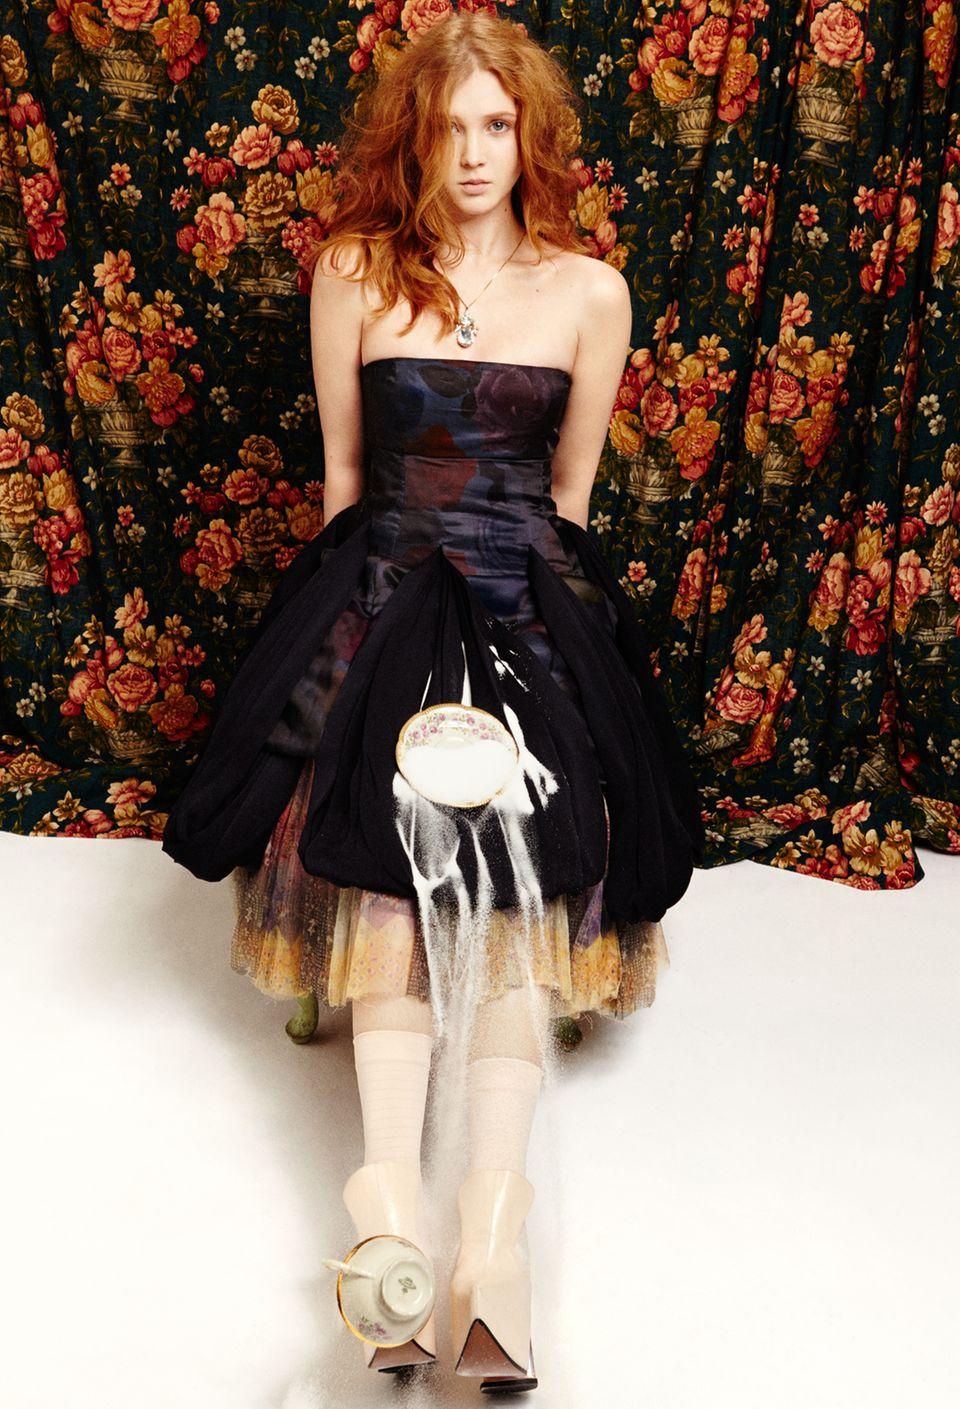 Schwarze Orchidee    Isolda Dychauk in einem Dior-Bustierkleid mit floralem Print. Darunter ein Tüllrock von Wunderkind. Kette von Sabrina Dehoff. Strümpfe von Item M6. Schuhe von Vivienne Westwood